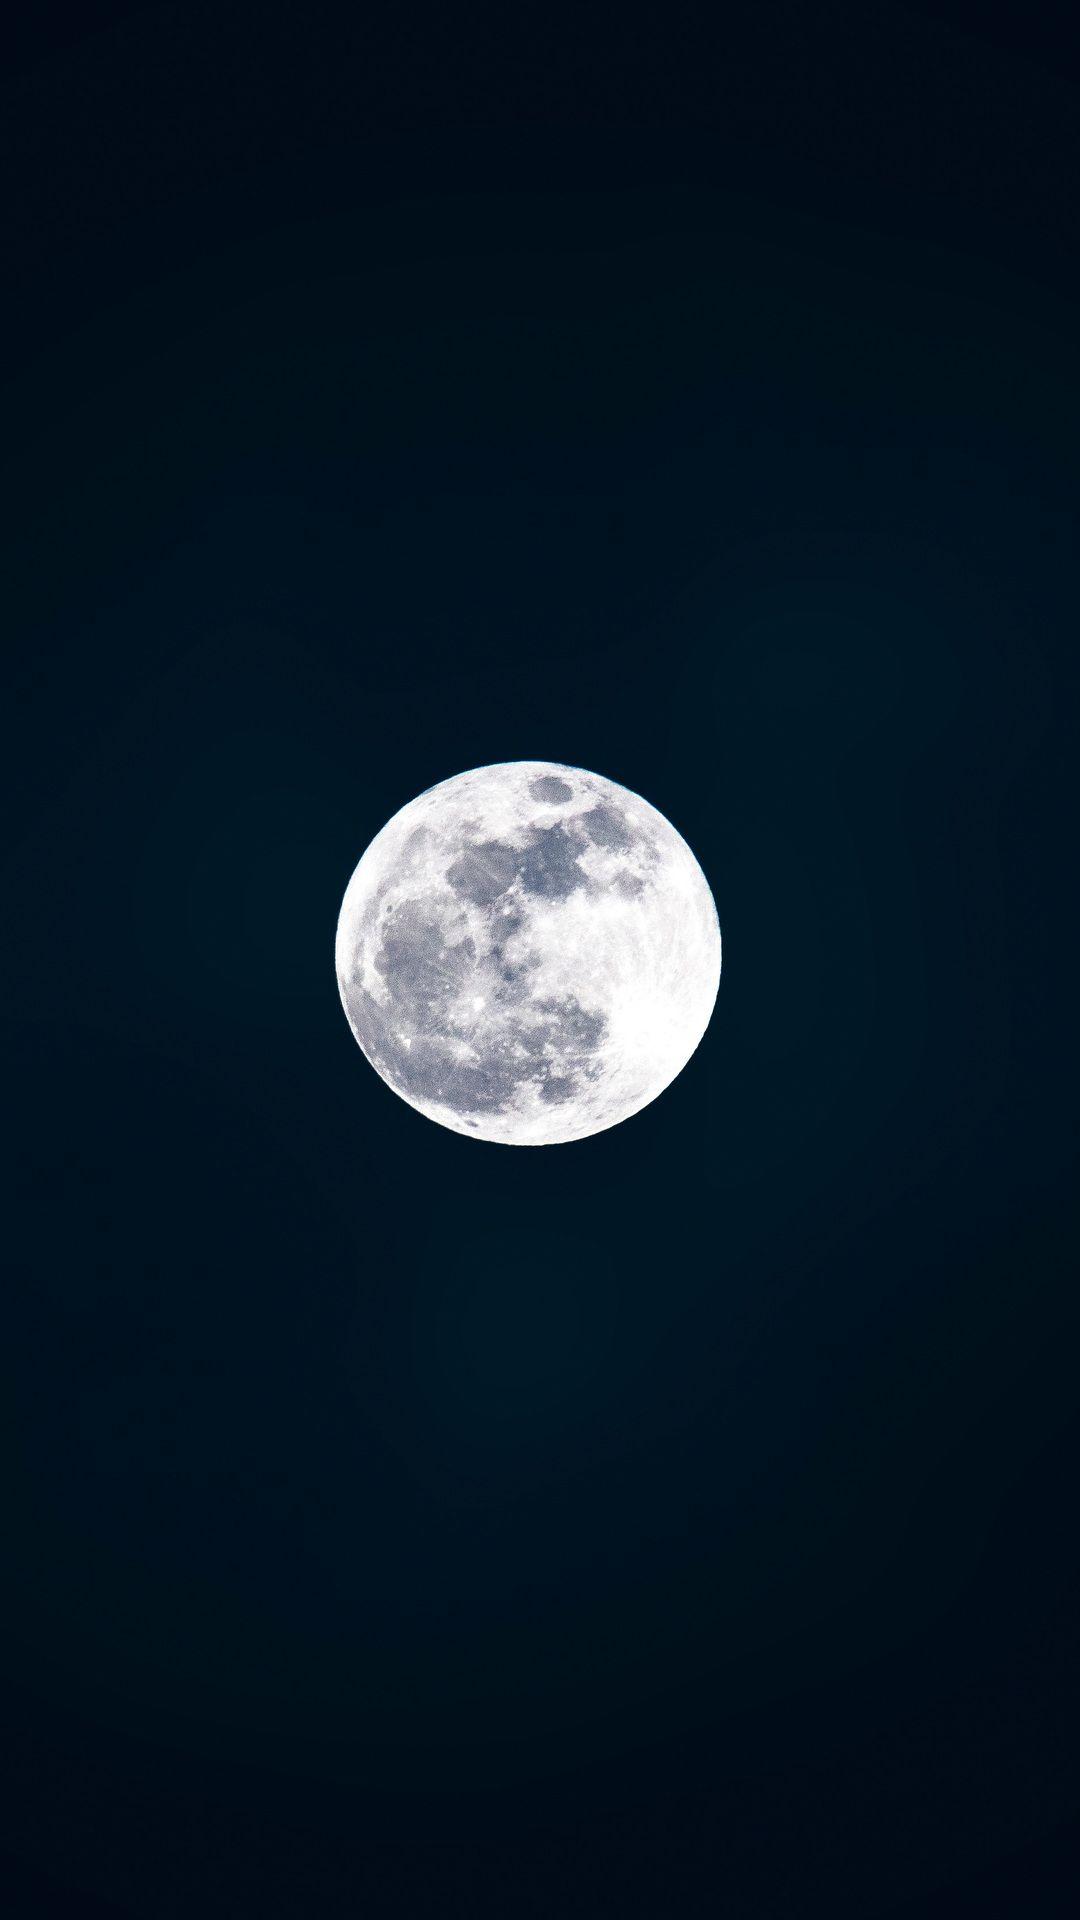 Full Moon 4k In 1080x1920 Resolution Fondo De Pantalla Pintura